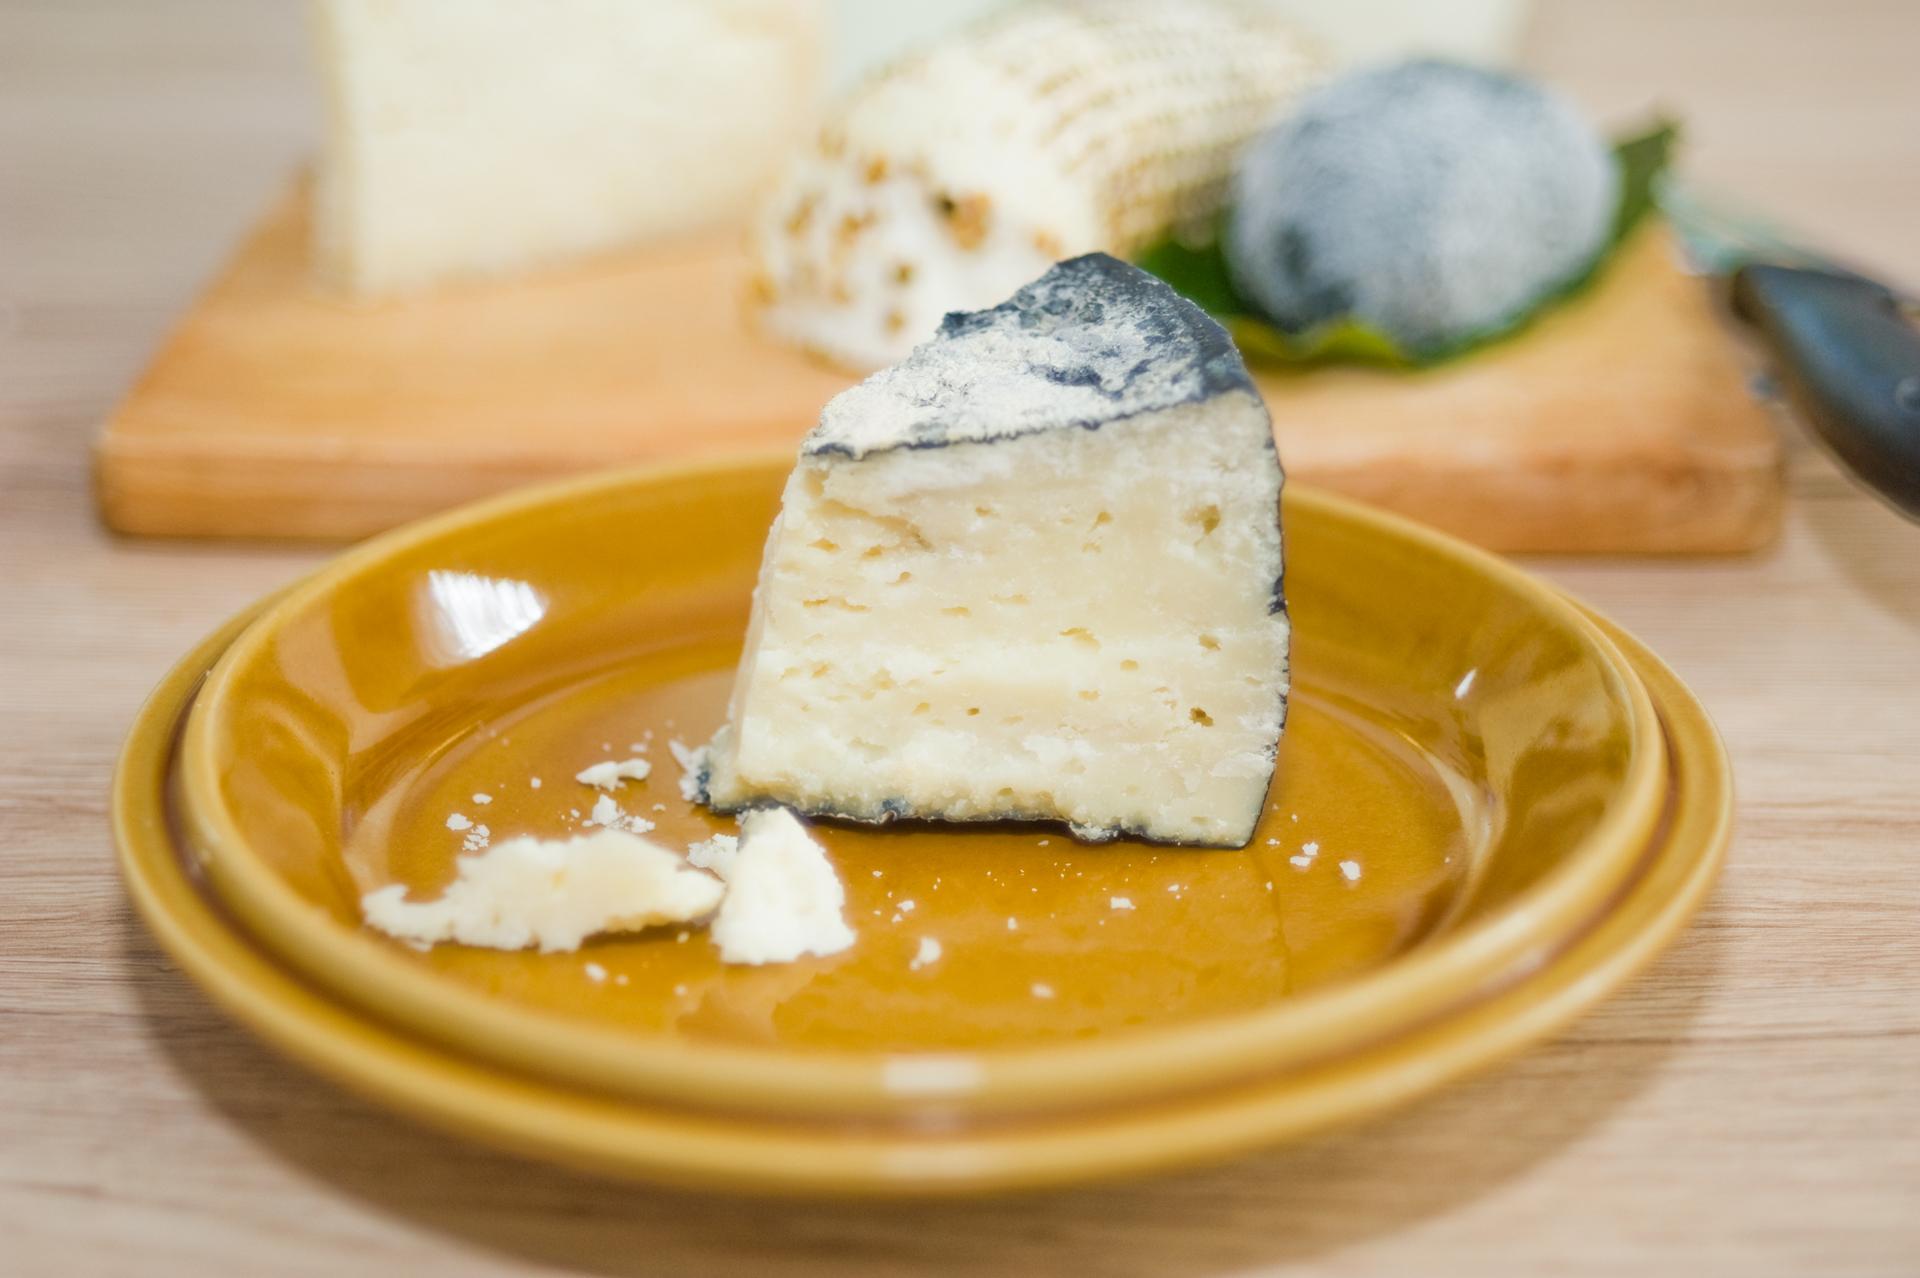 Negro: érlelt sajt fekete viaszos kéreggel